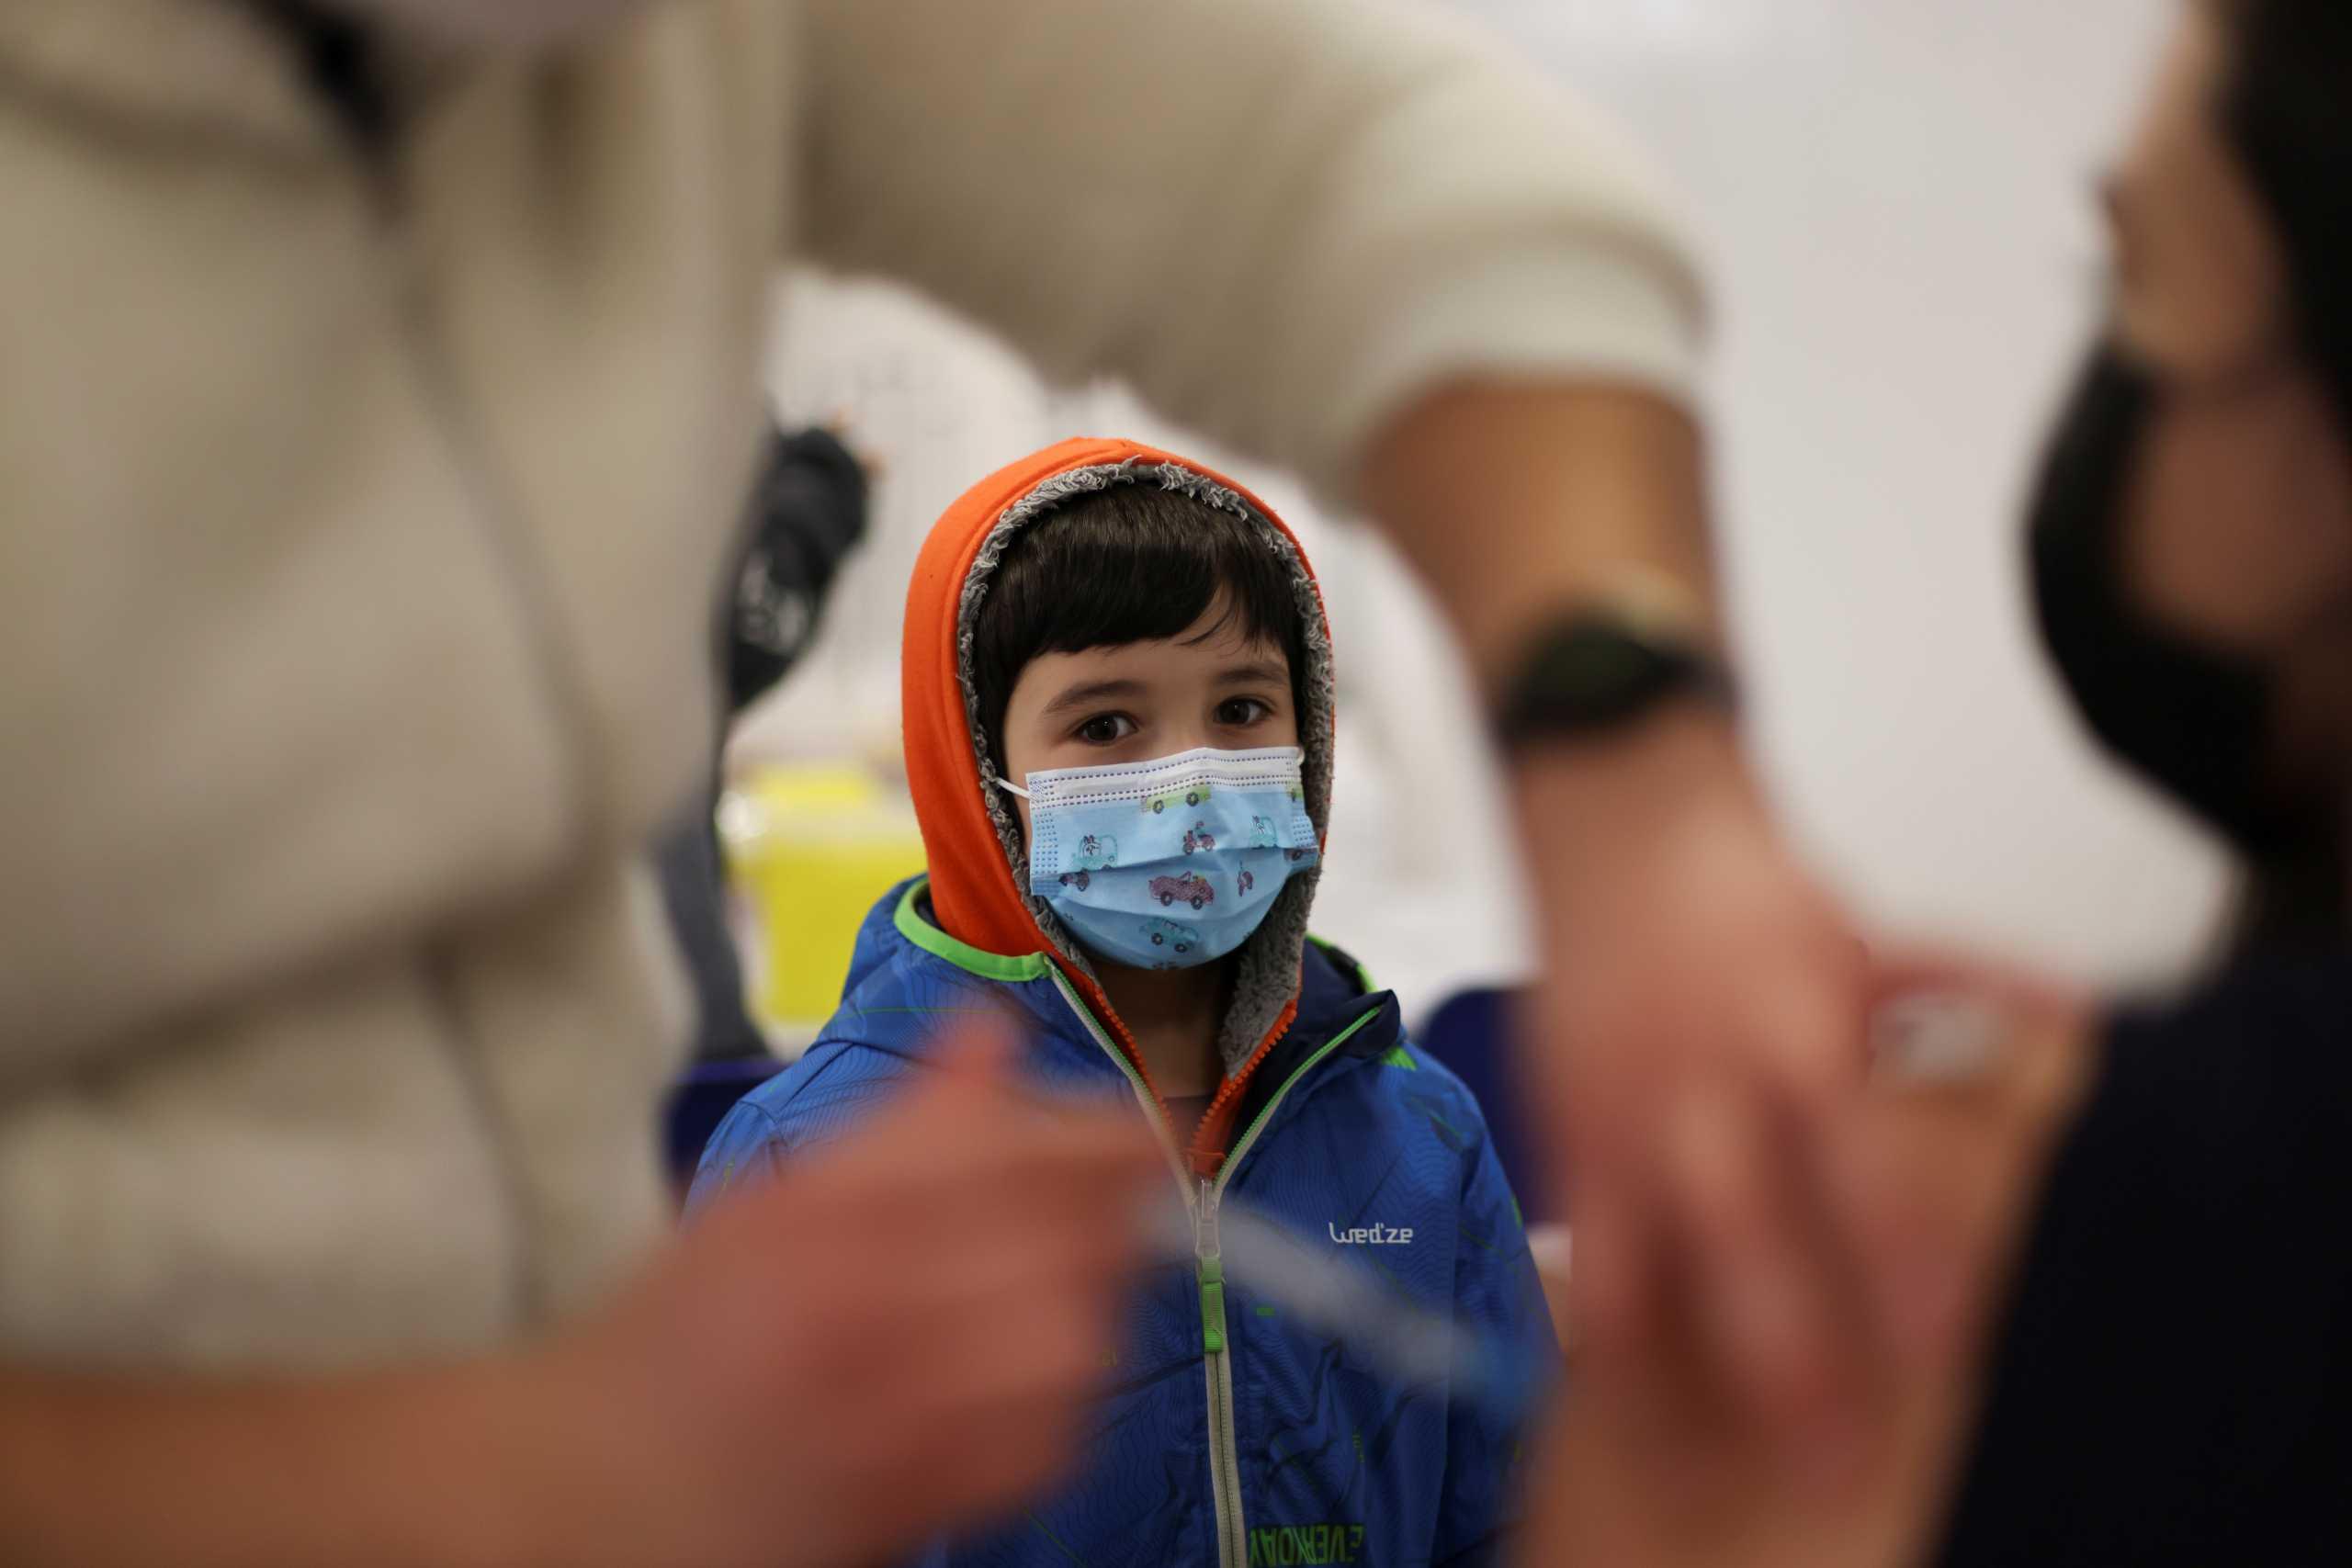 Κορονοϊός: Εκστρατεία τεστ αντισωμάτων για παιδιά τριών ετών και άνω ξεκίνησε το Ισραήλ